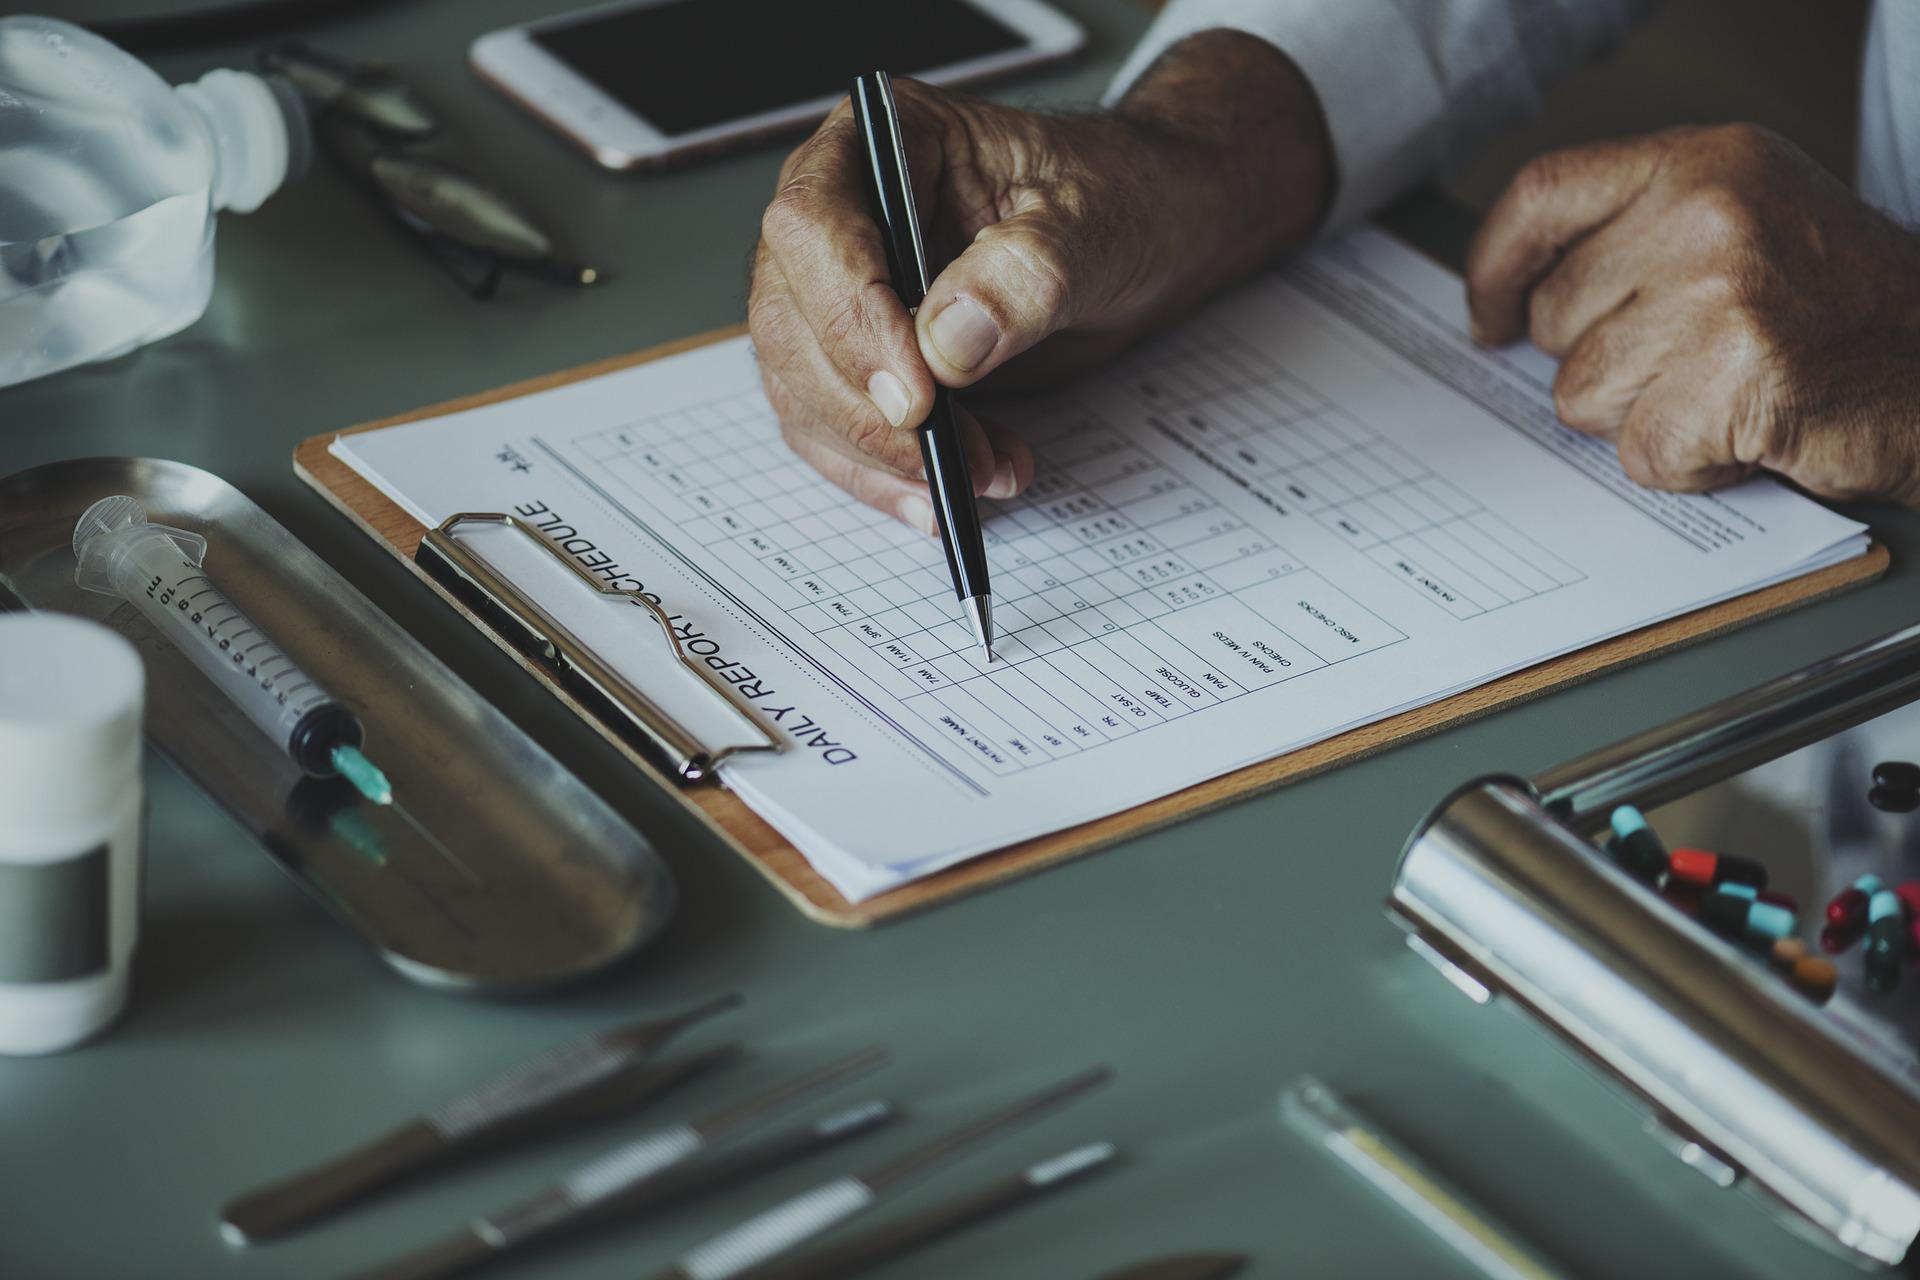 רשלנות רפואית – מסבירים את הדברים, תכל'ס